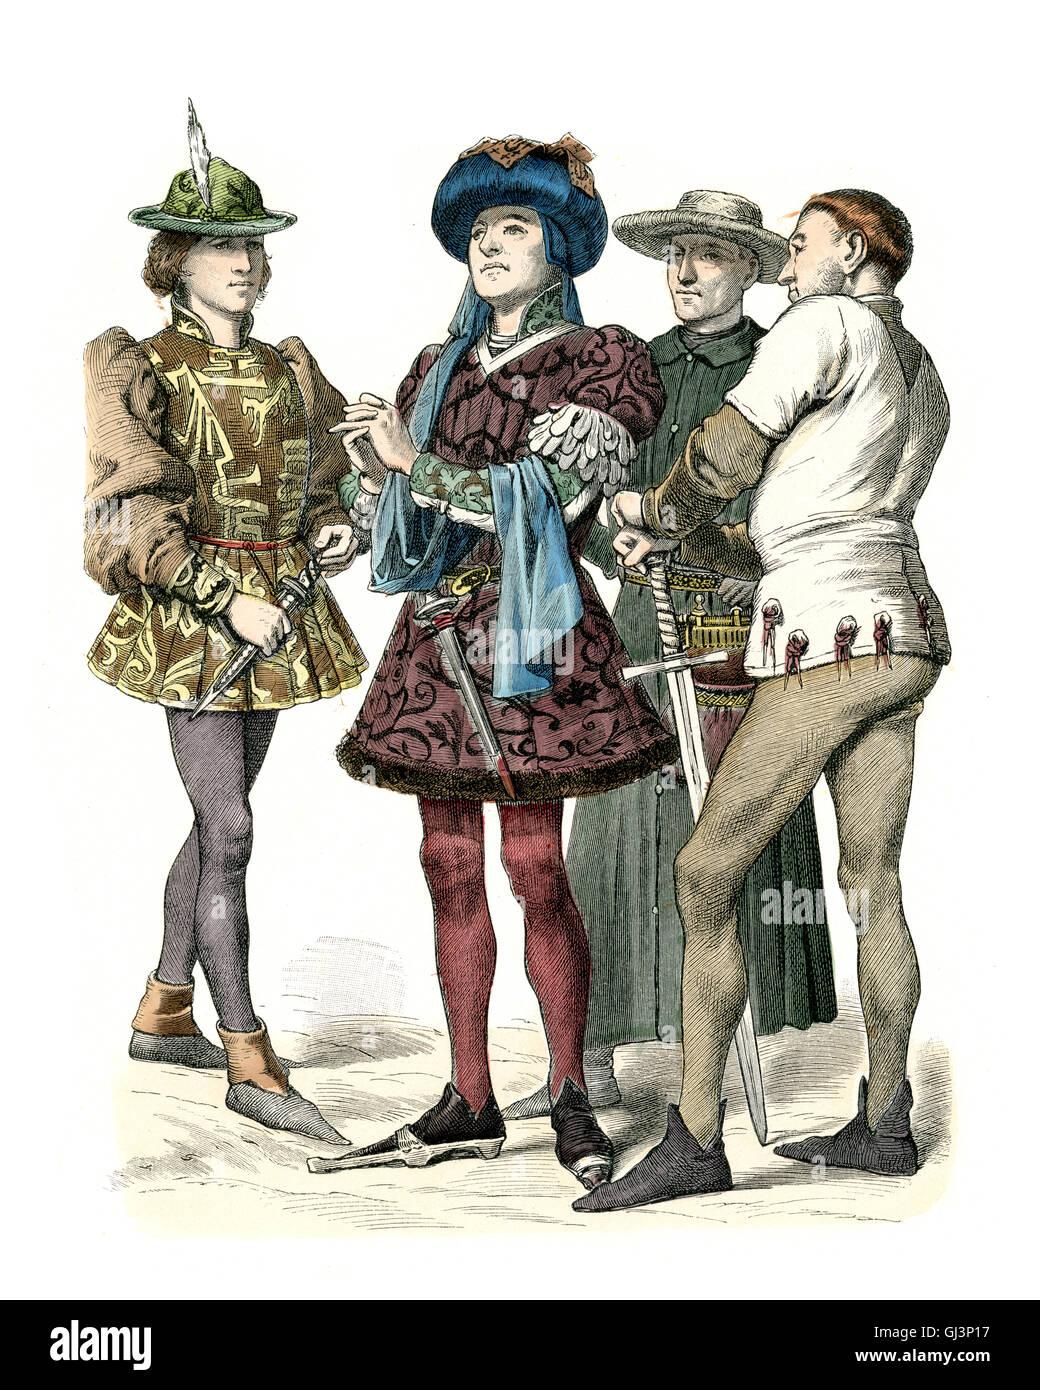 Mittelalterliche Mode - burgundischen Mitte 15. Jahrhundert Stockbild